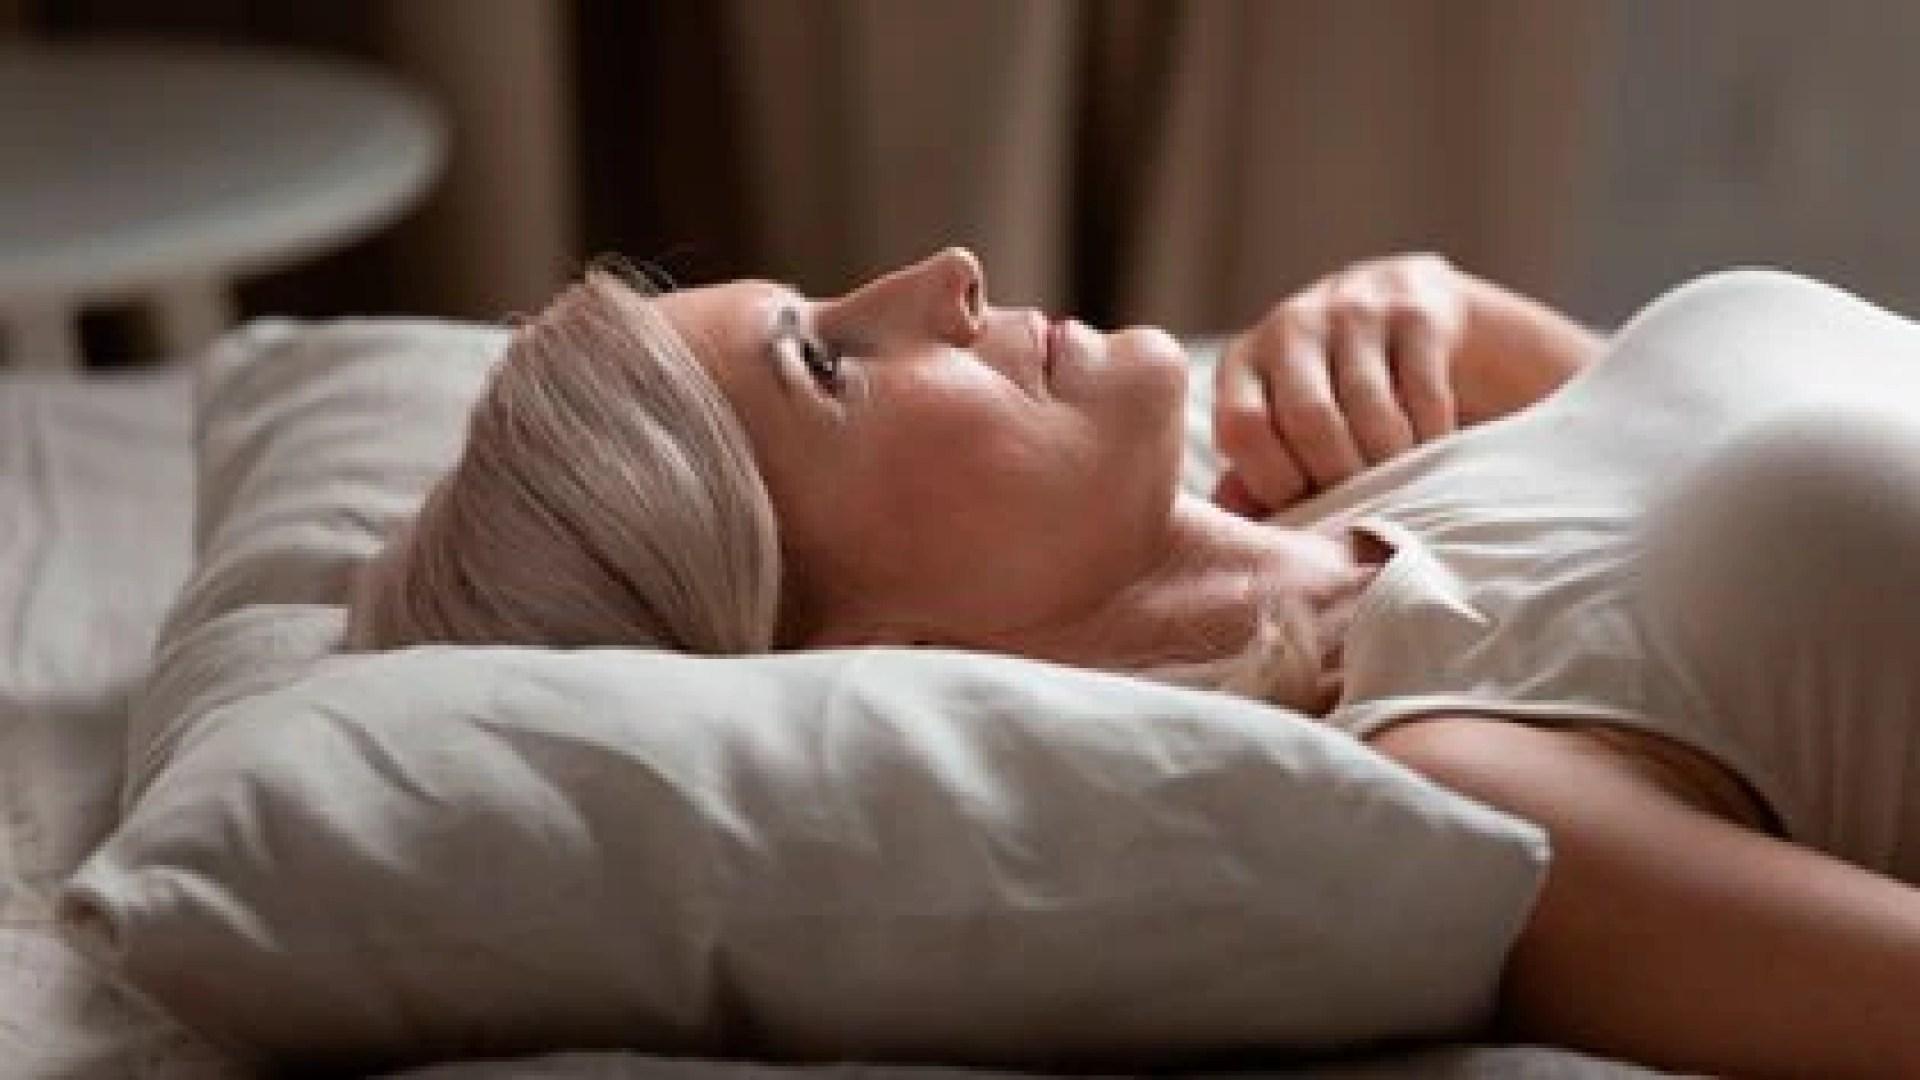 Uno de los mitos es que las personas de edad no son deseables sexualmente. (Shutterstock)